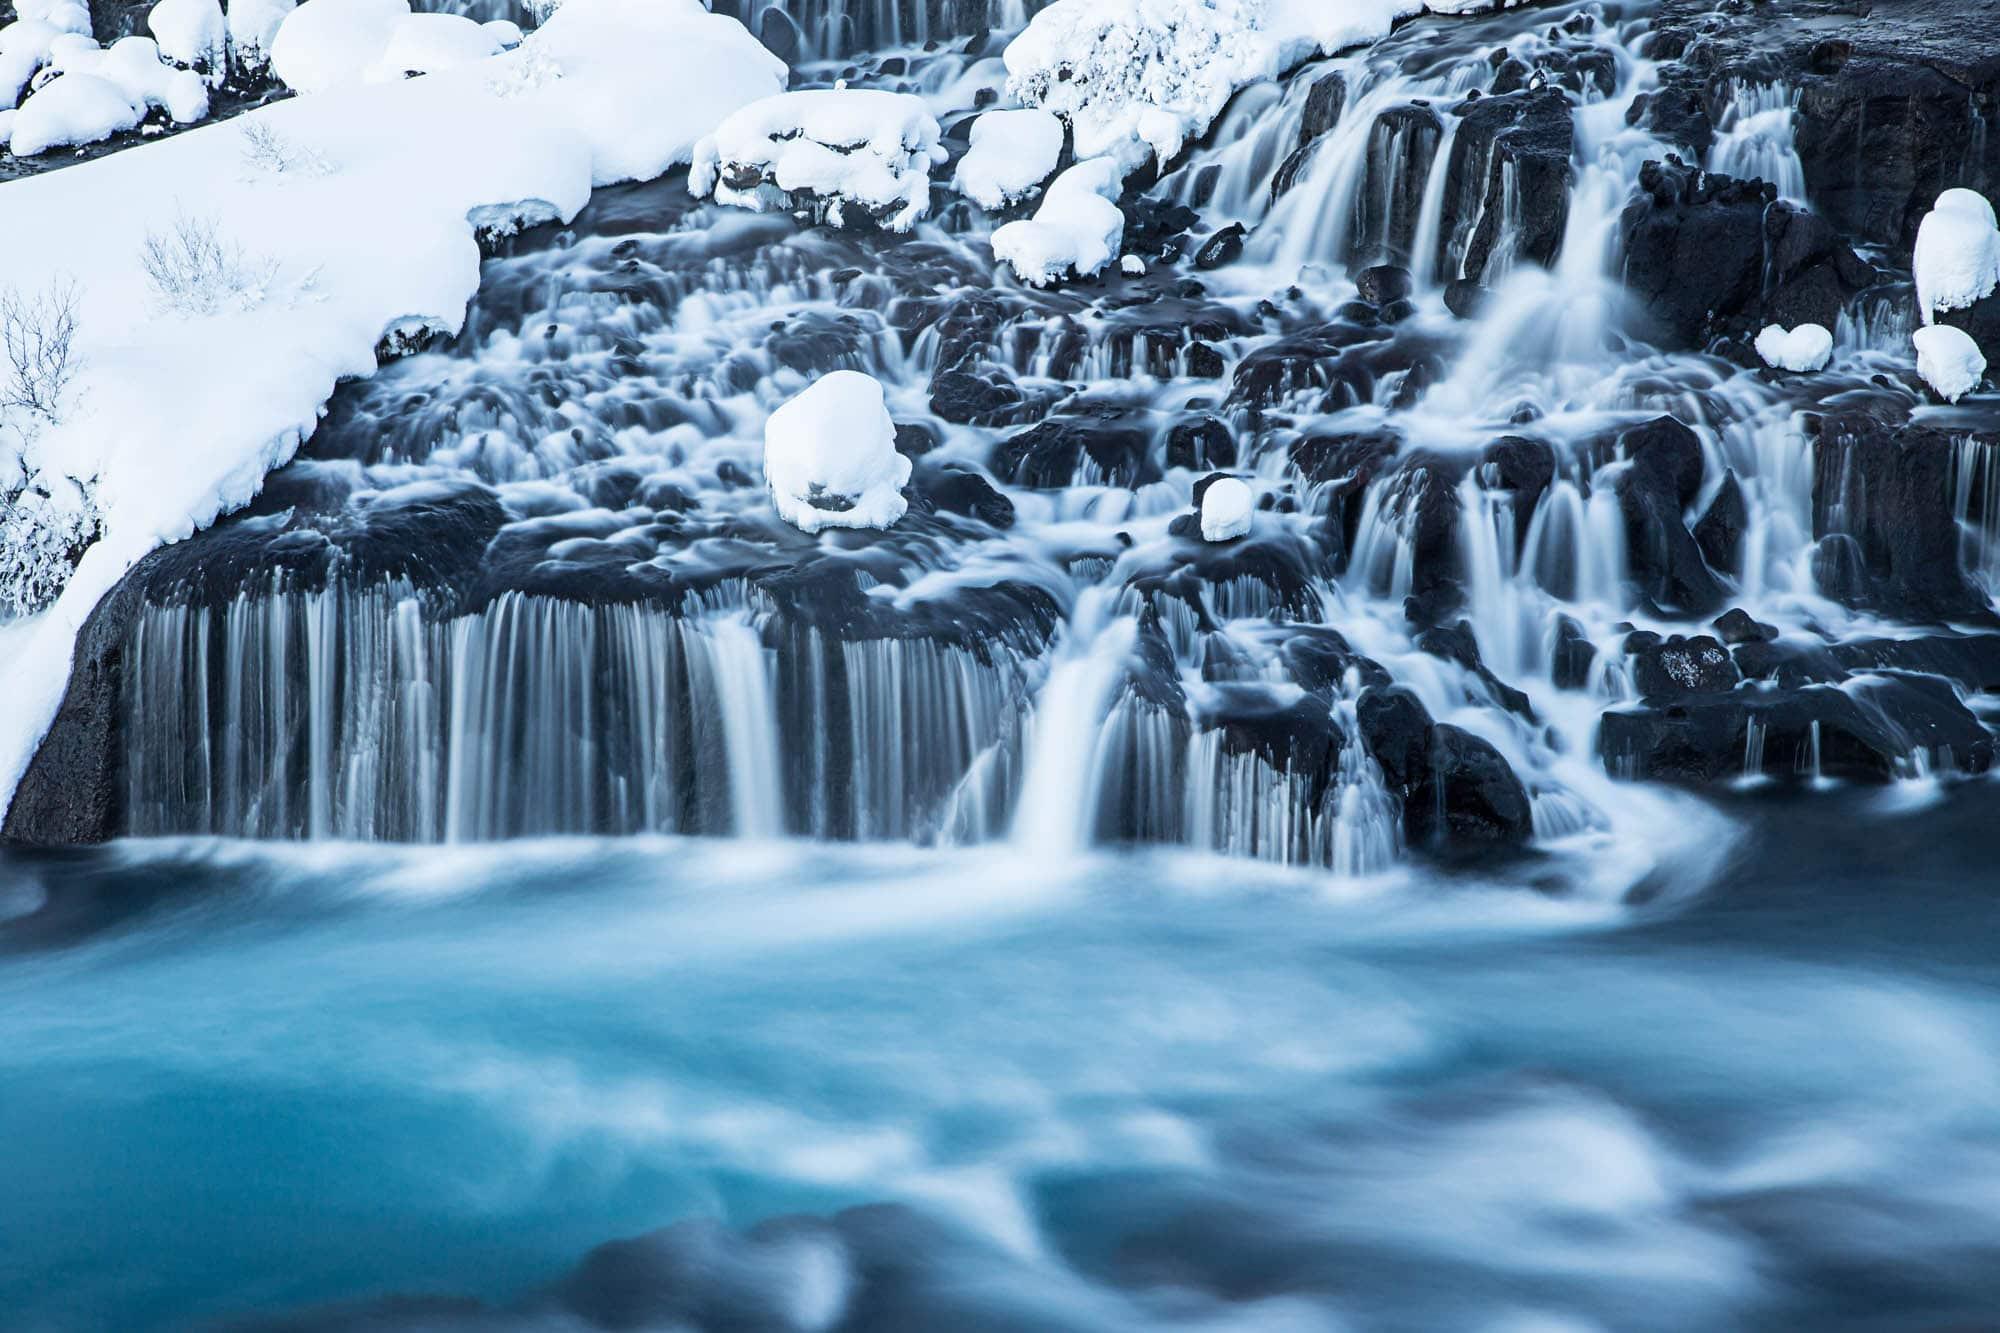 Hraunfossar waterfalls in winter